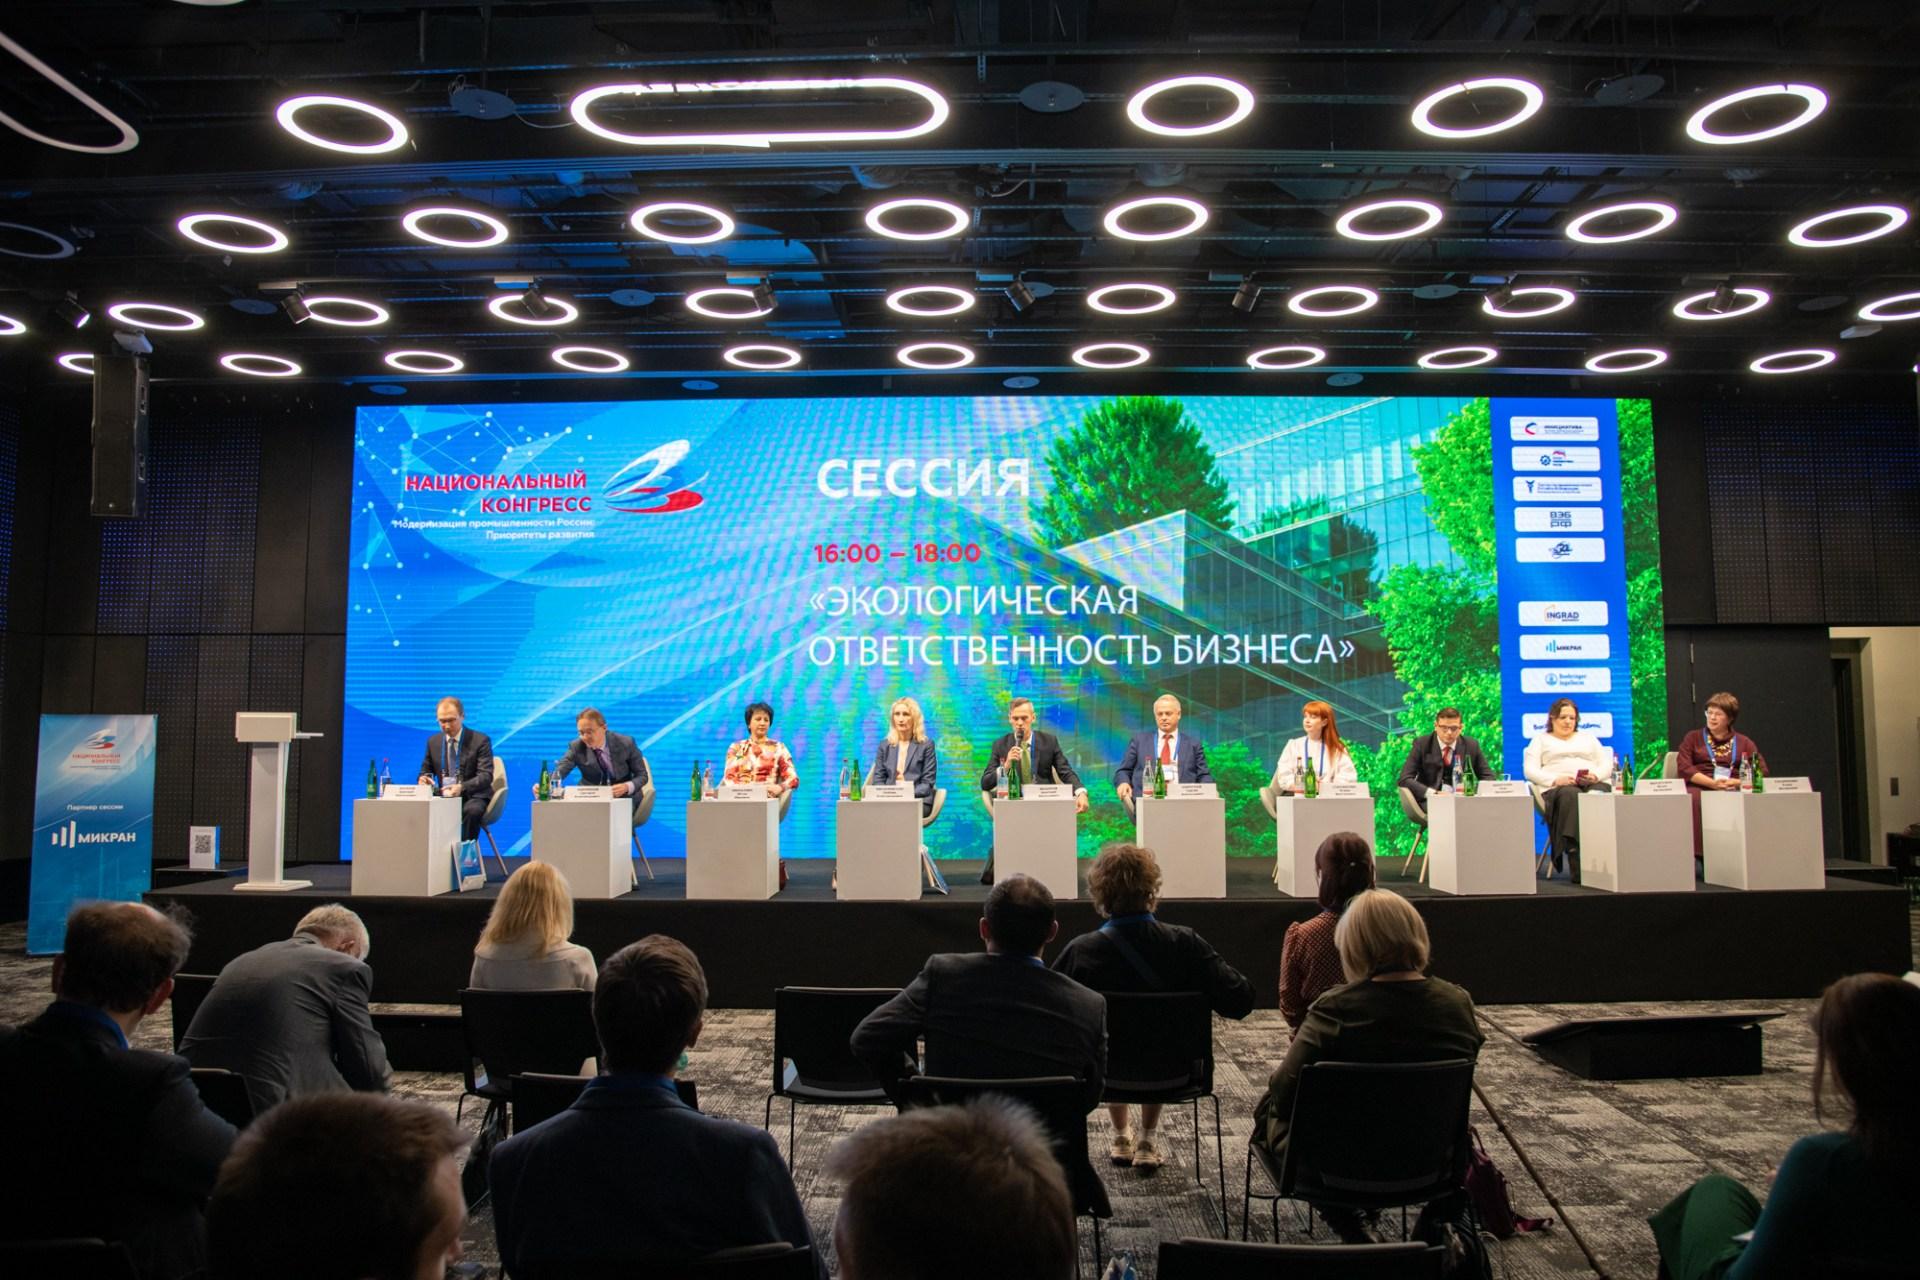 Ассоциация «ЭКОпрофессионал» приняла участие в XVI Национальном конгрессе «Модернизация промышленности России: приоритеты развития»